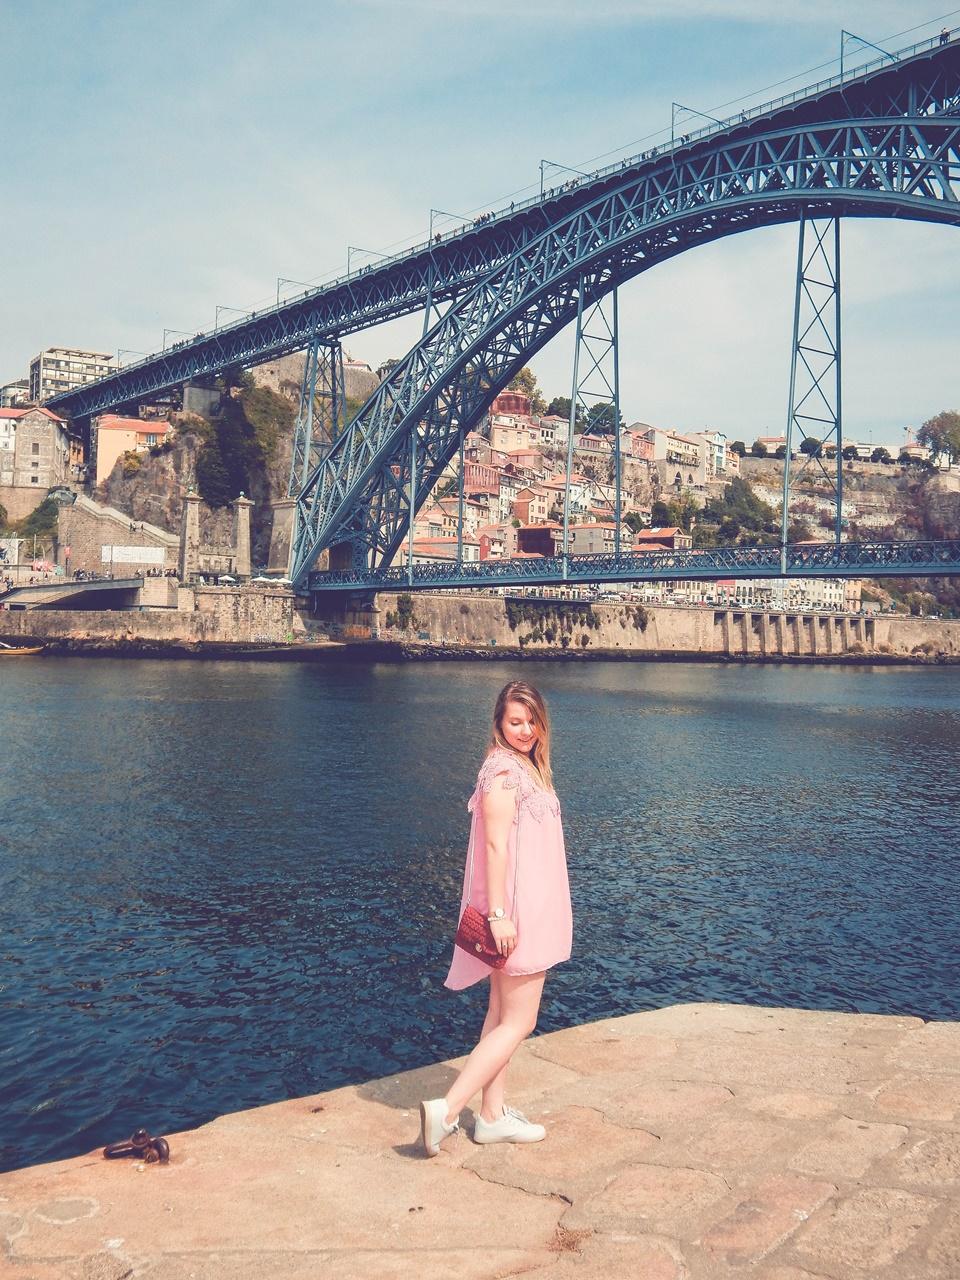 2 bizuteria piotrowski konkurs wygraj bizuterie sukienka zaful opinie moje recenzje rady czy warto kupowac czy oplaca sie porto most rzeka duoro co zobaczyc